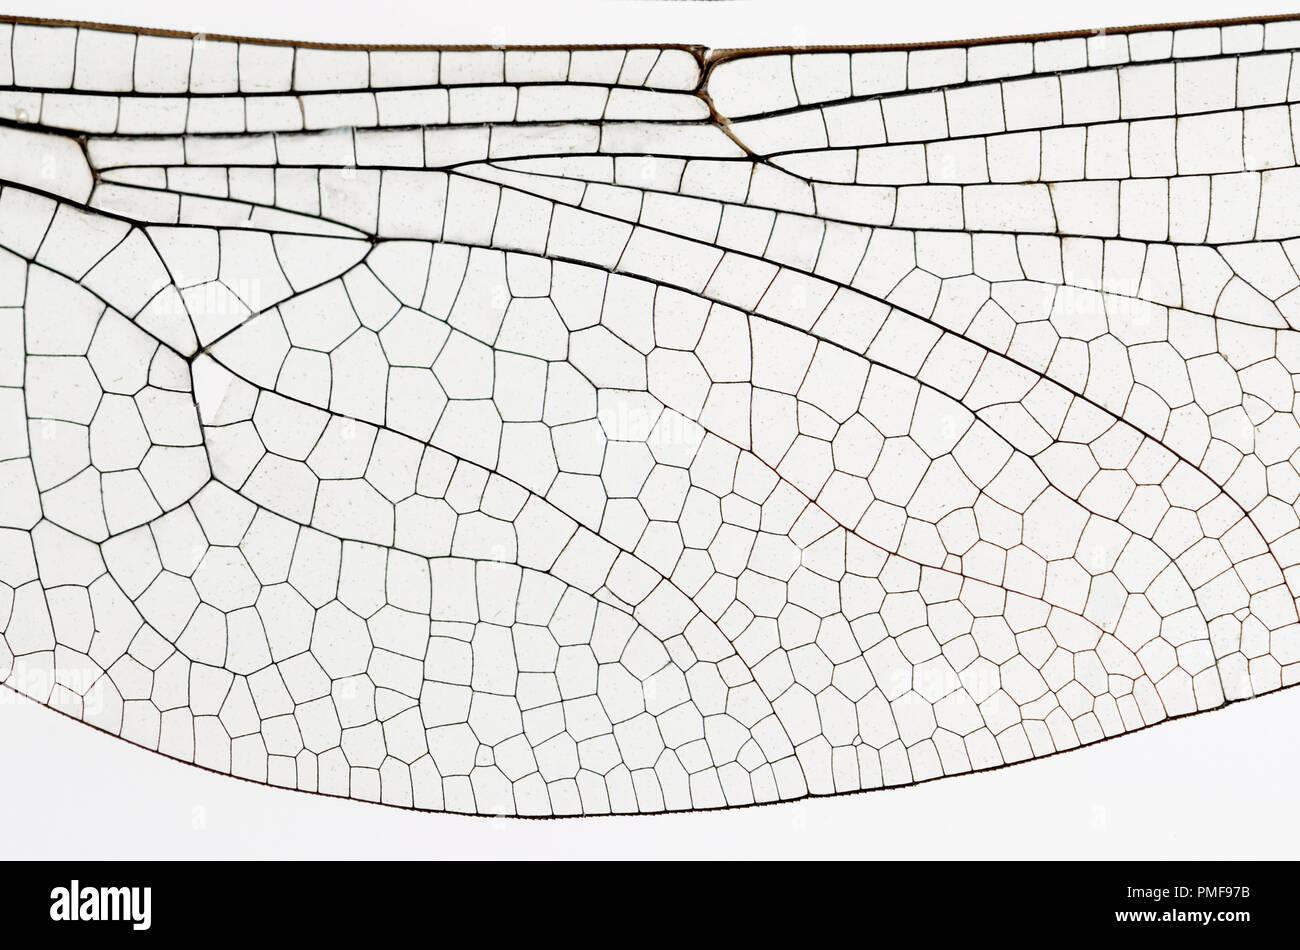 Flügel des Gemeinsamen Darter Dragonfly (Sympetrum striolatum) von einem toten Muster. Übersicht Venen und transparente Zellen Stockbild